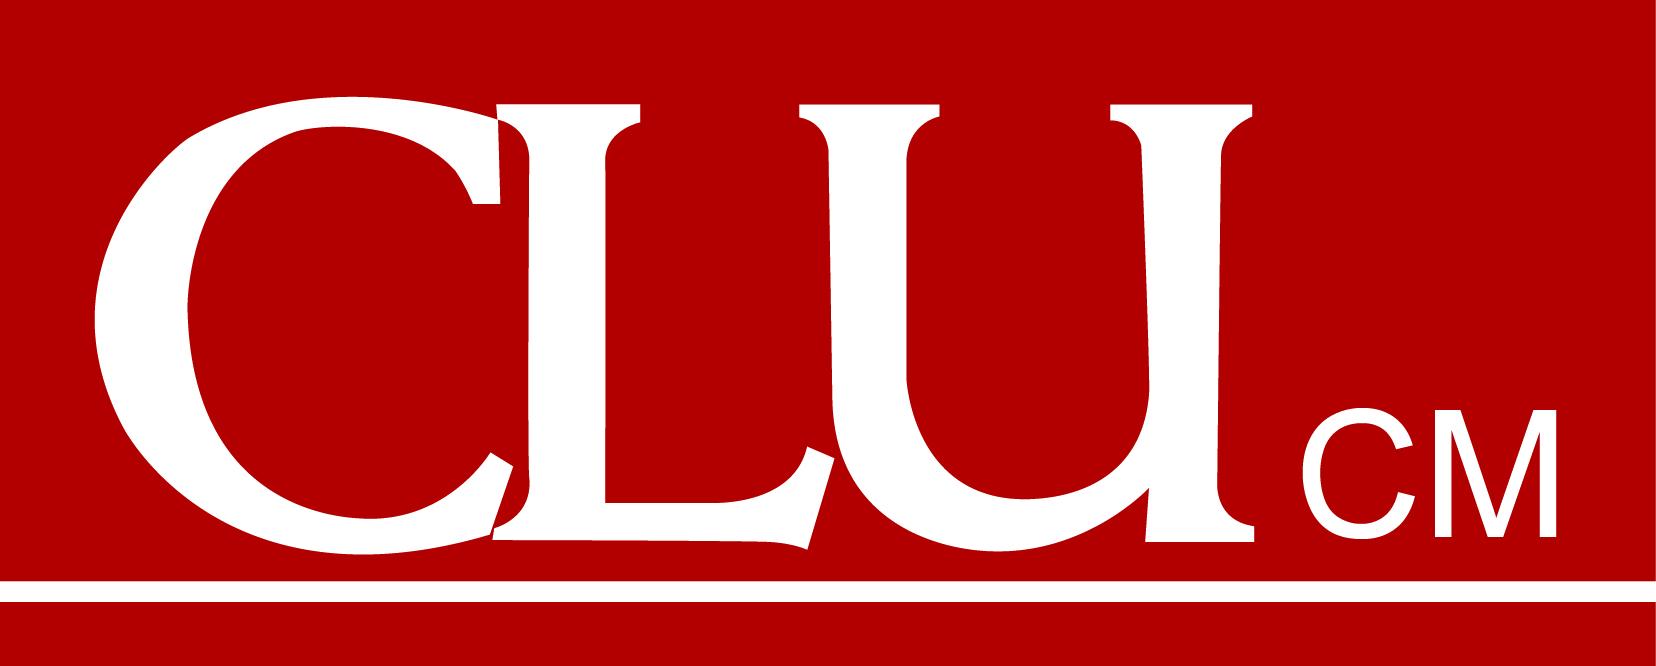 CLU__CM_.jpg